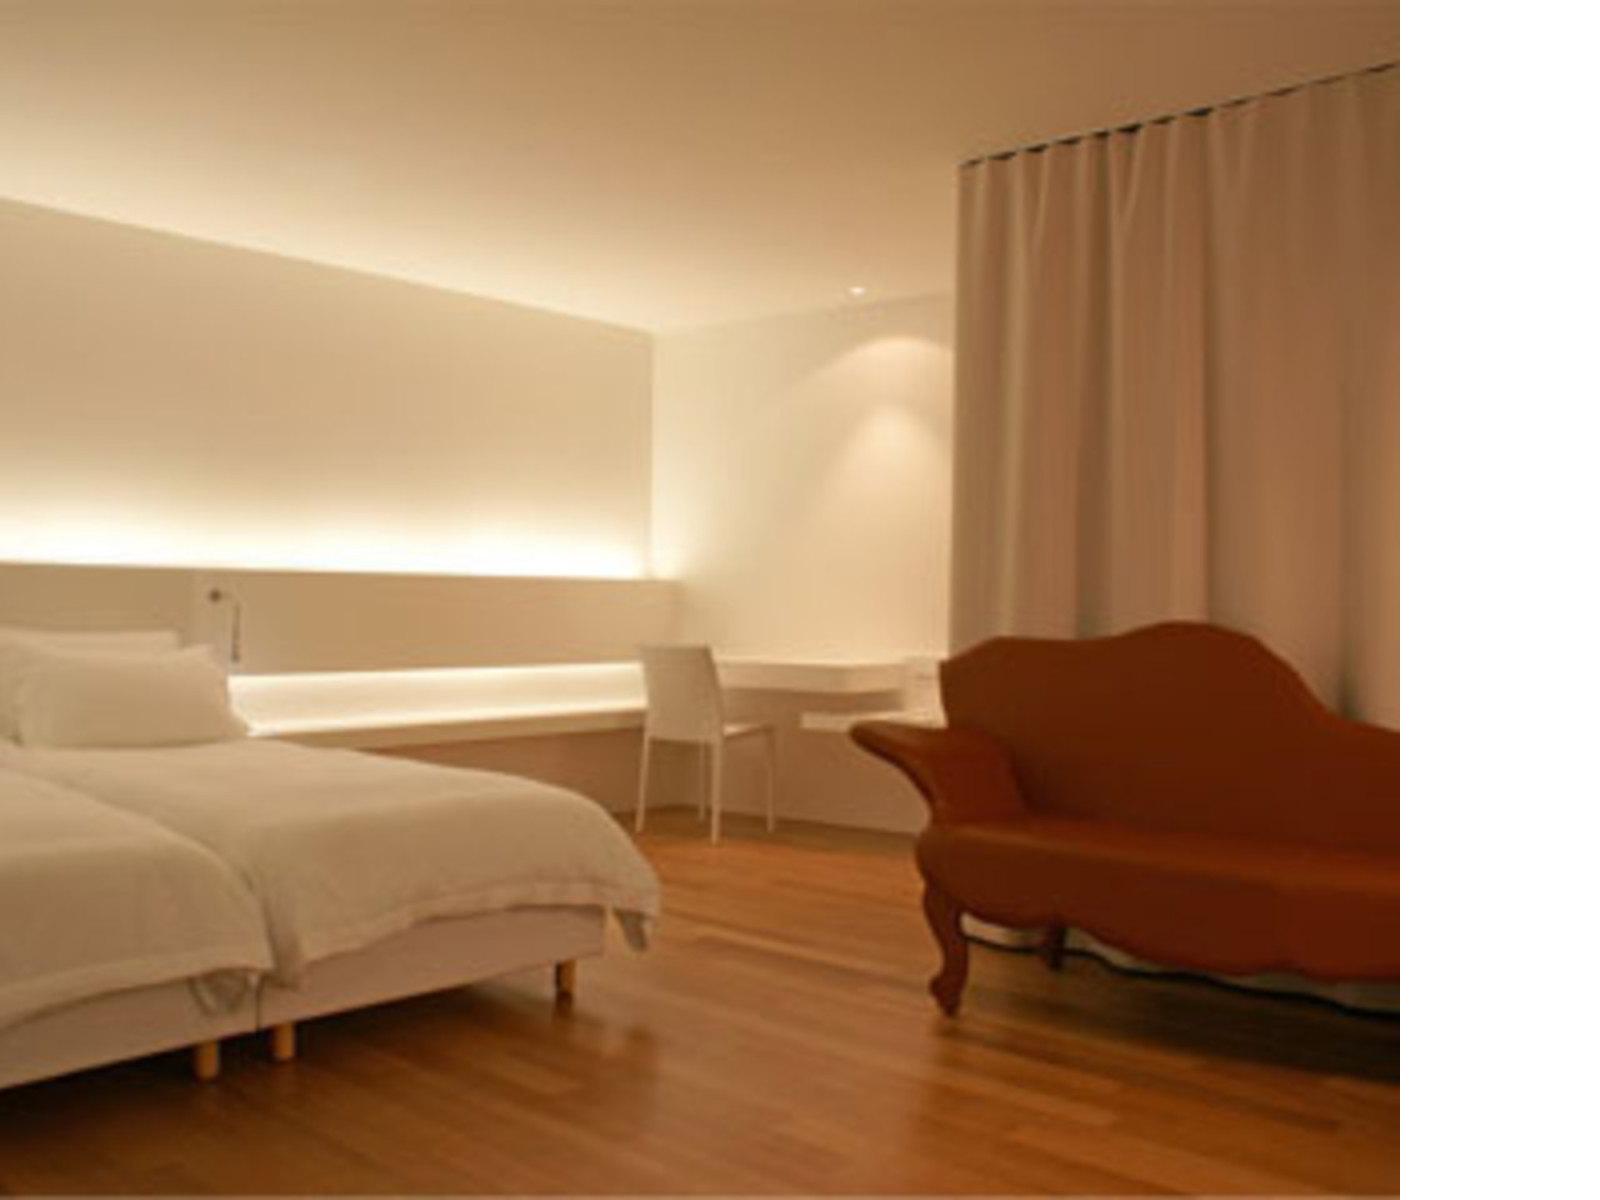 Hotel Astoria, Herzog & de Meuron, Lucerna, 2007